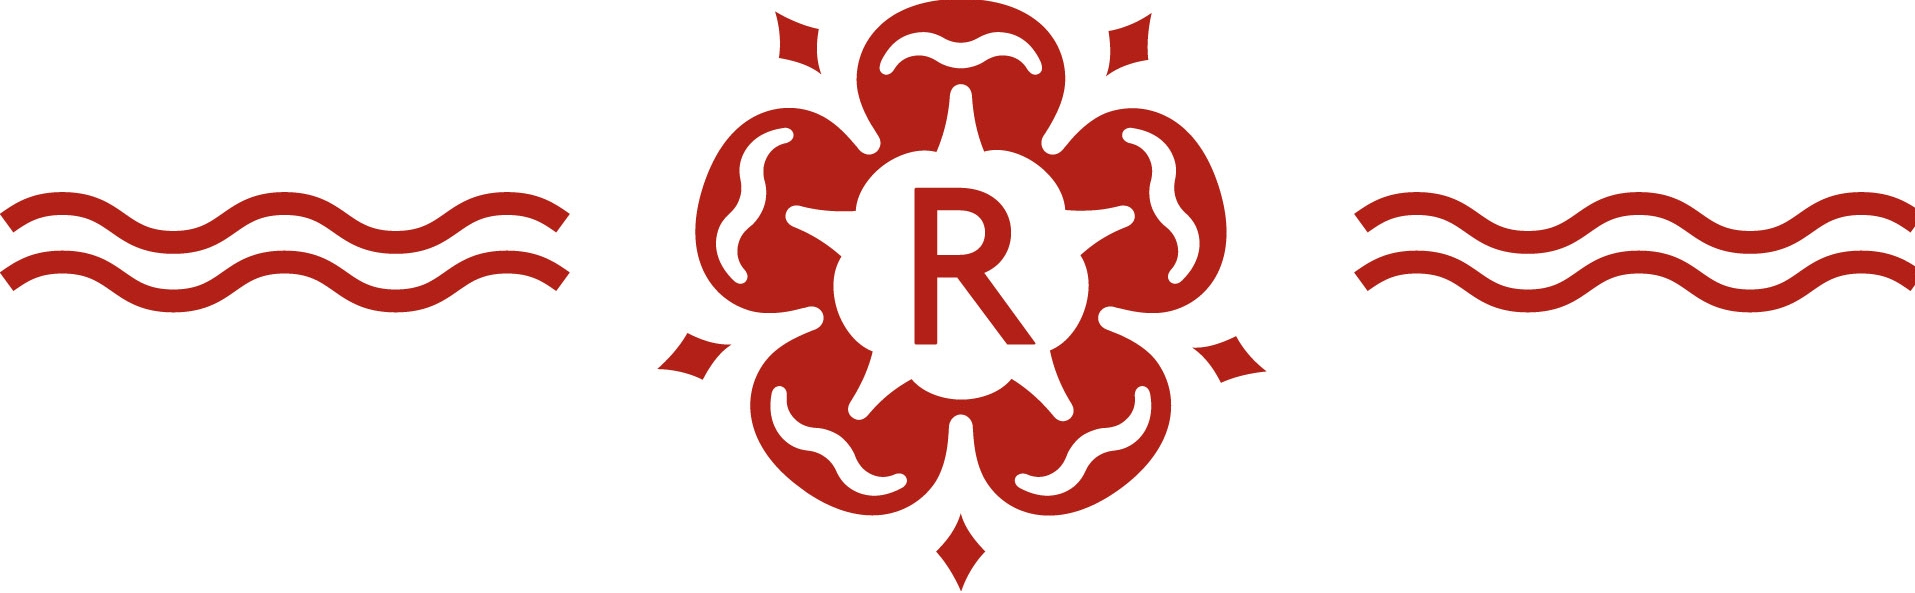 Rosebourne-logo.jpg